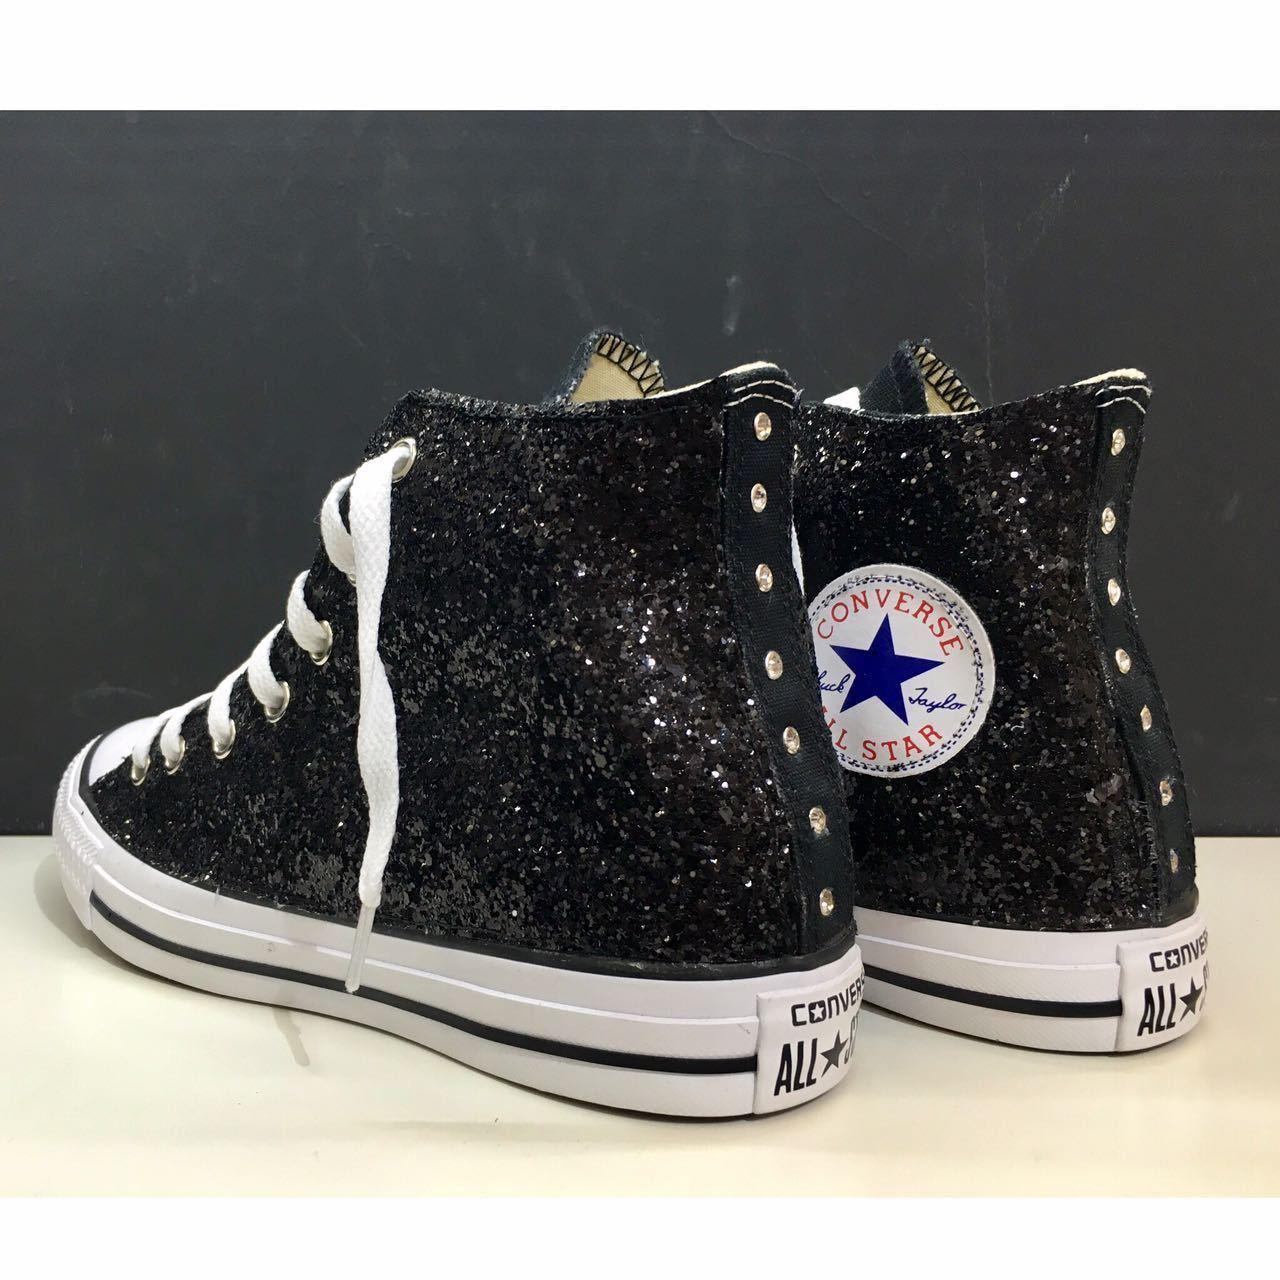 modelo más vendido de la marca converse all star borchiate con borchie glitter e swarovski strass